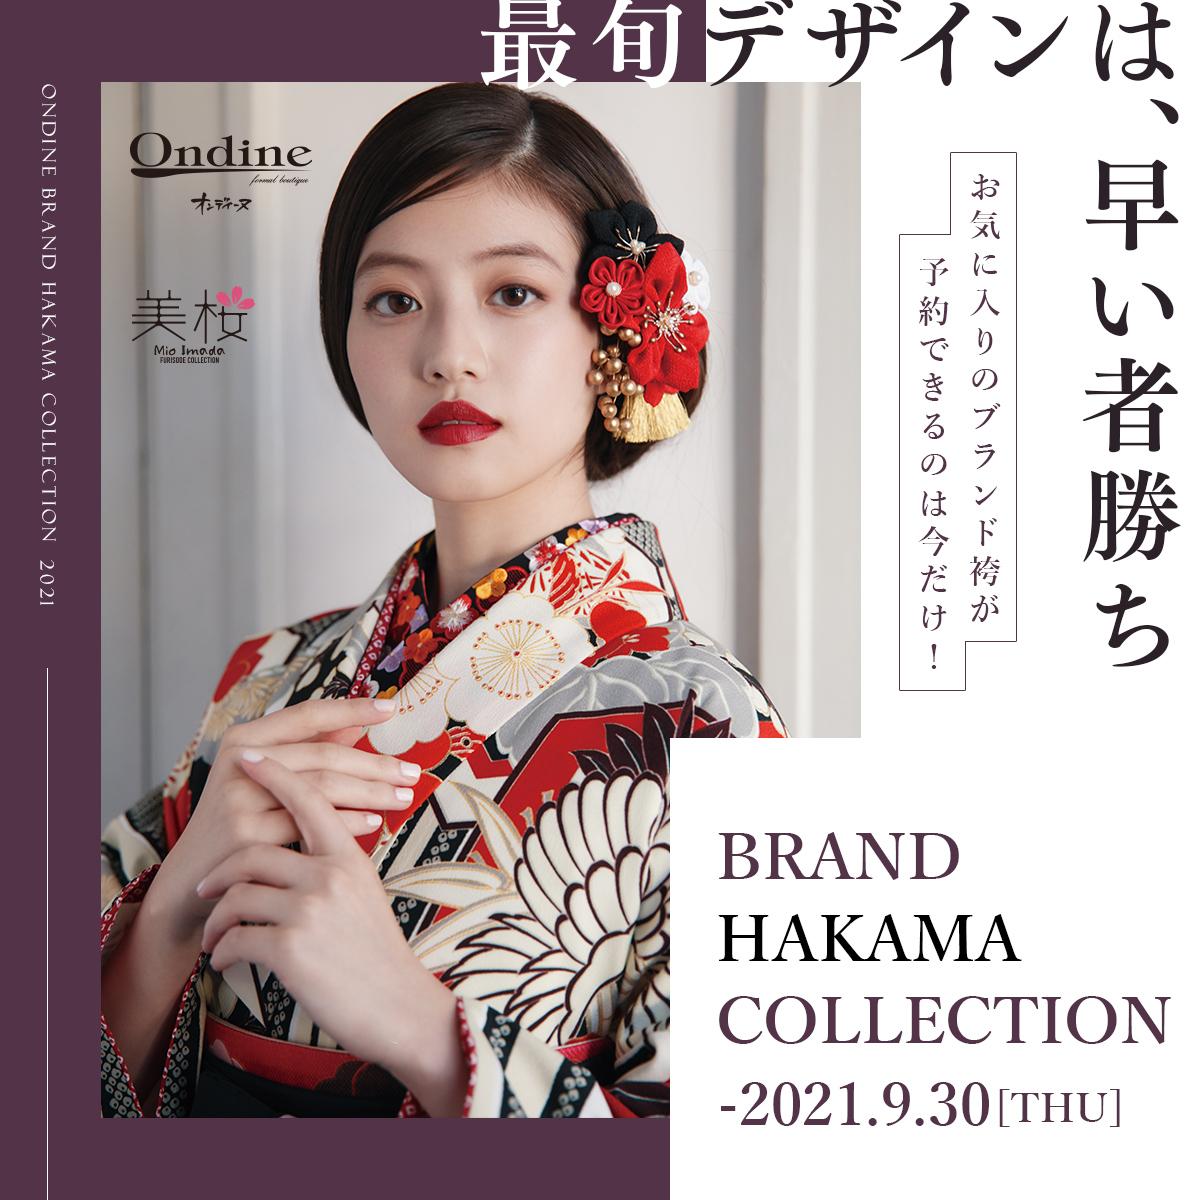 【水戸店】BRAND HAKAMA COLLECTION開催!